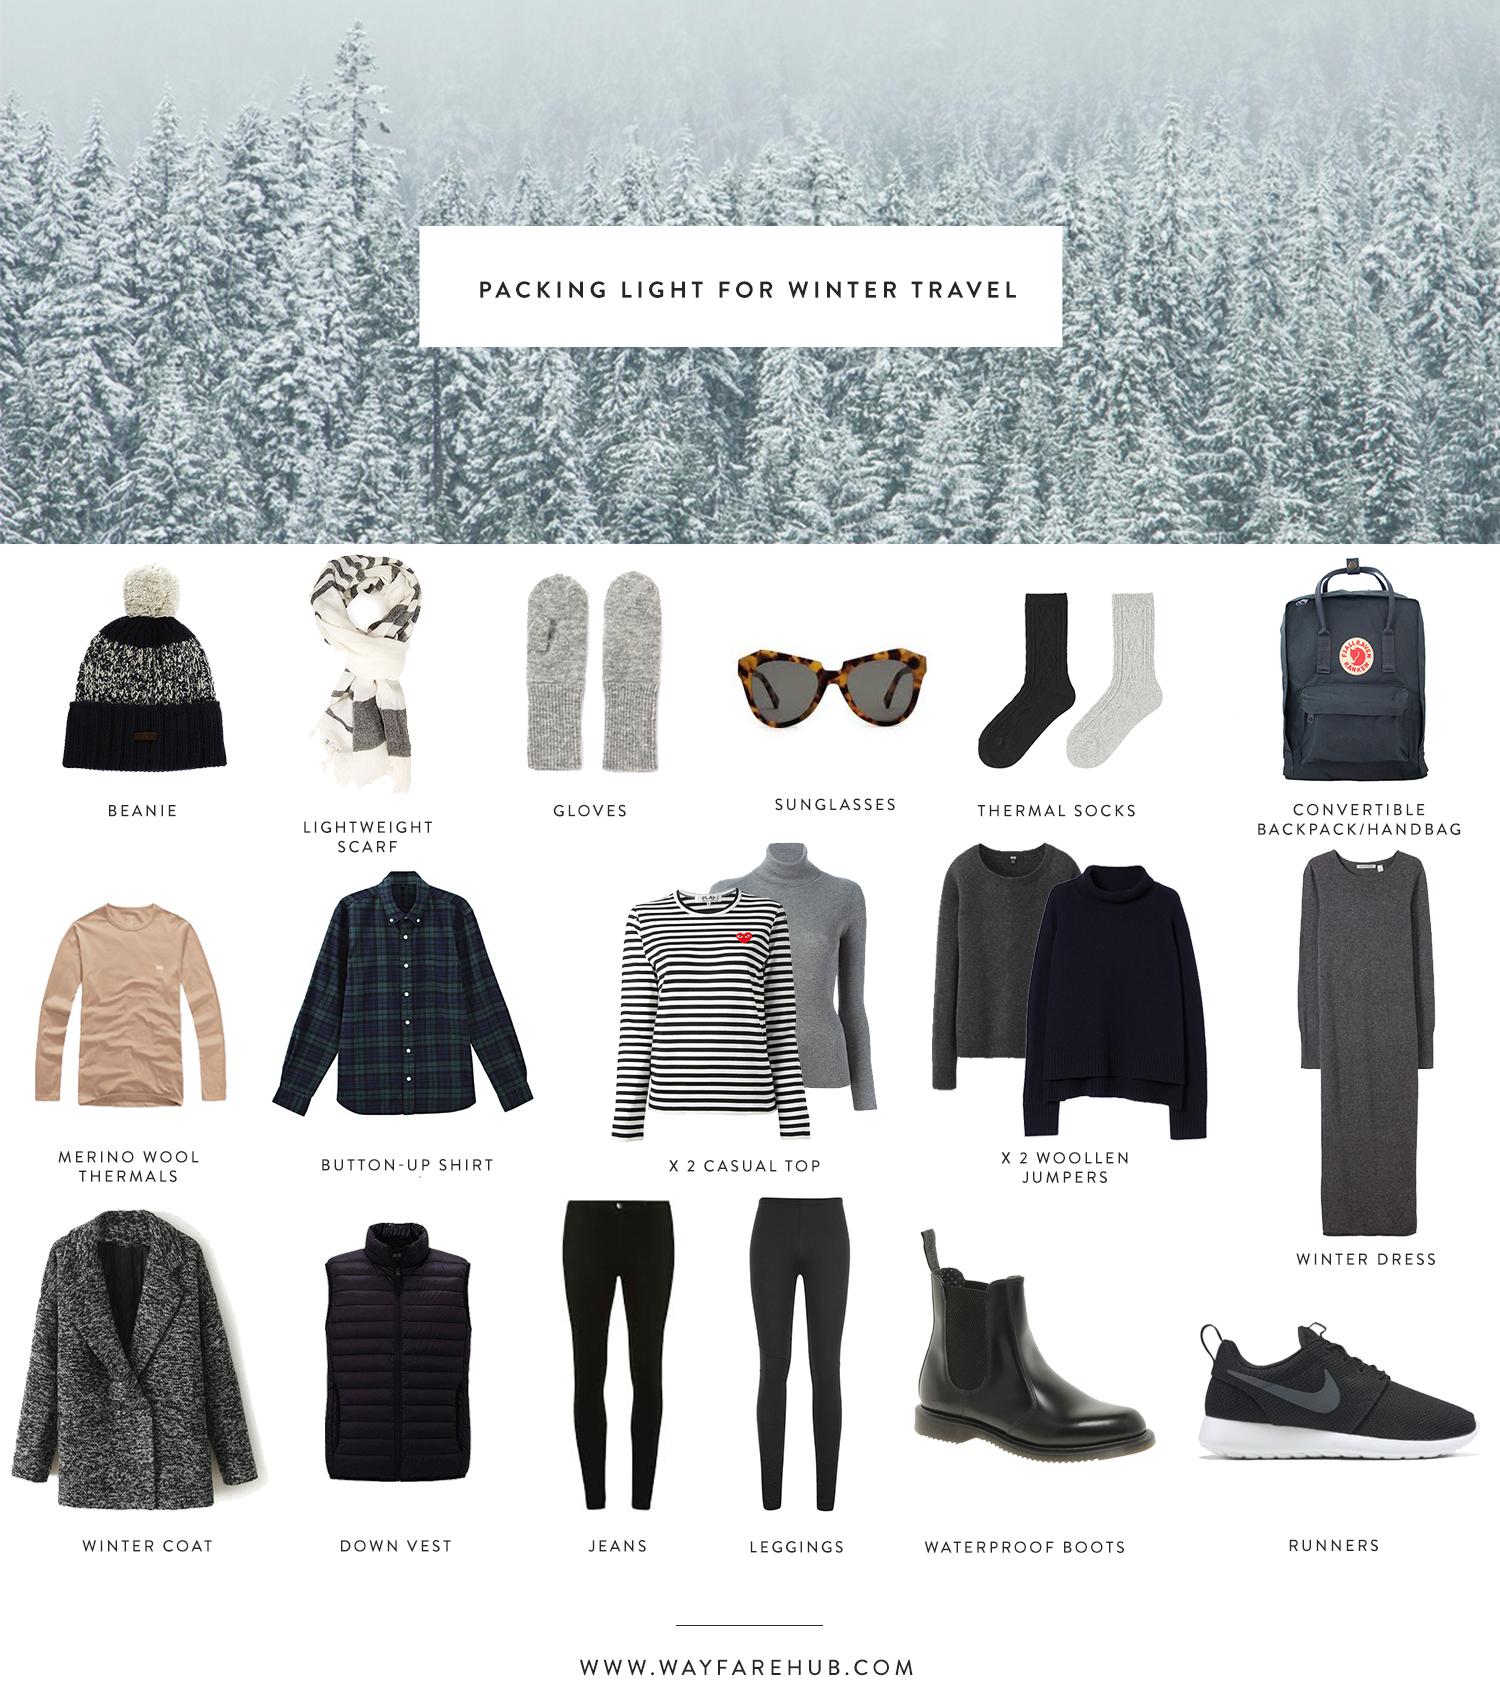 Packing light for winter